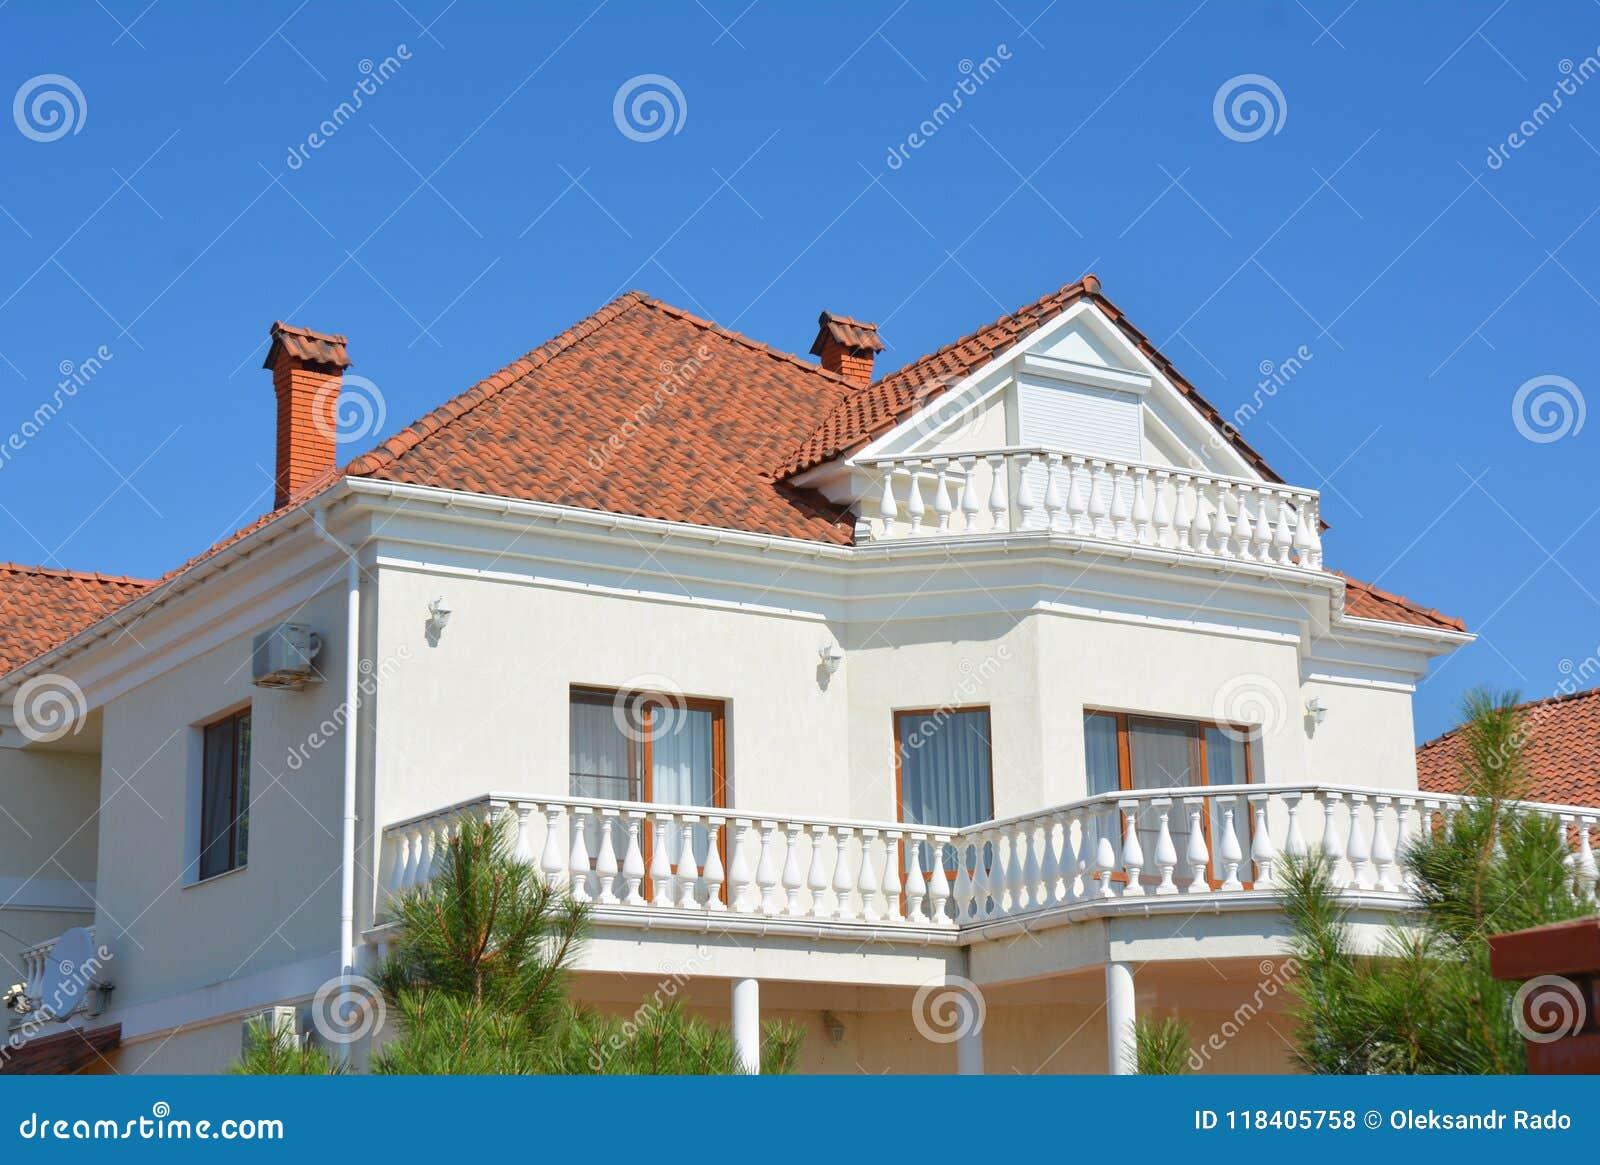 Luxe modern huis met zolderbalkon en kleitegelsdak